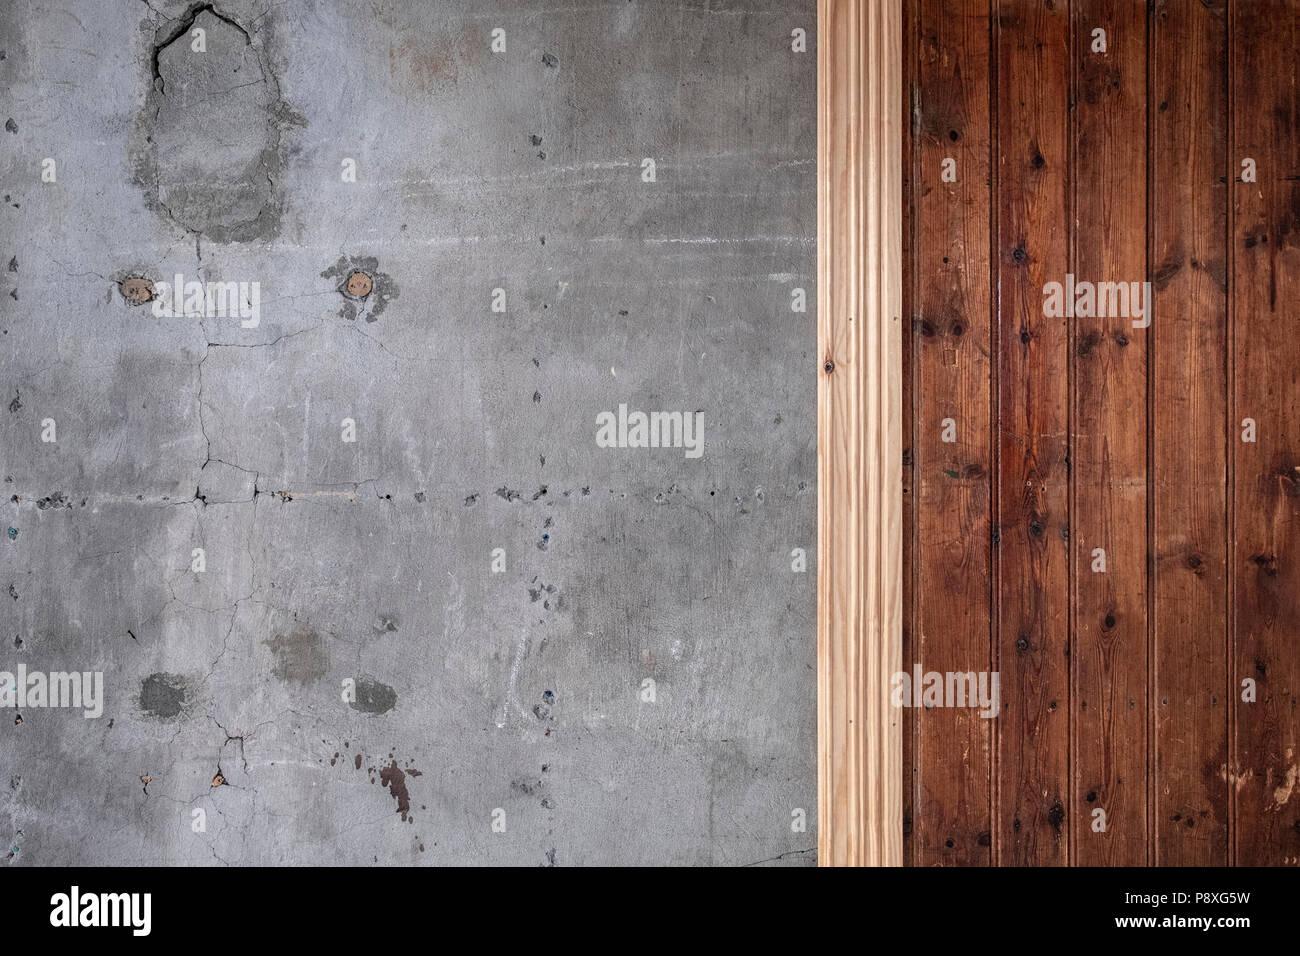 detaillierte hintergrund textur von alt und abgenutzt holz paneele